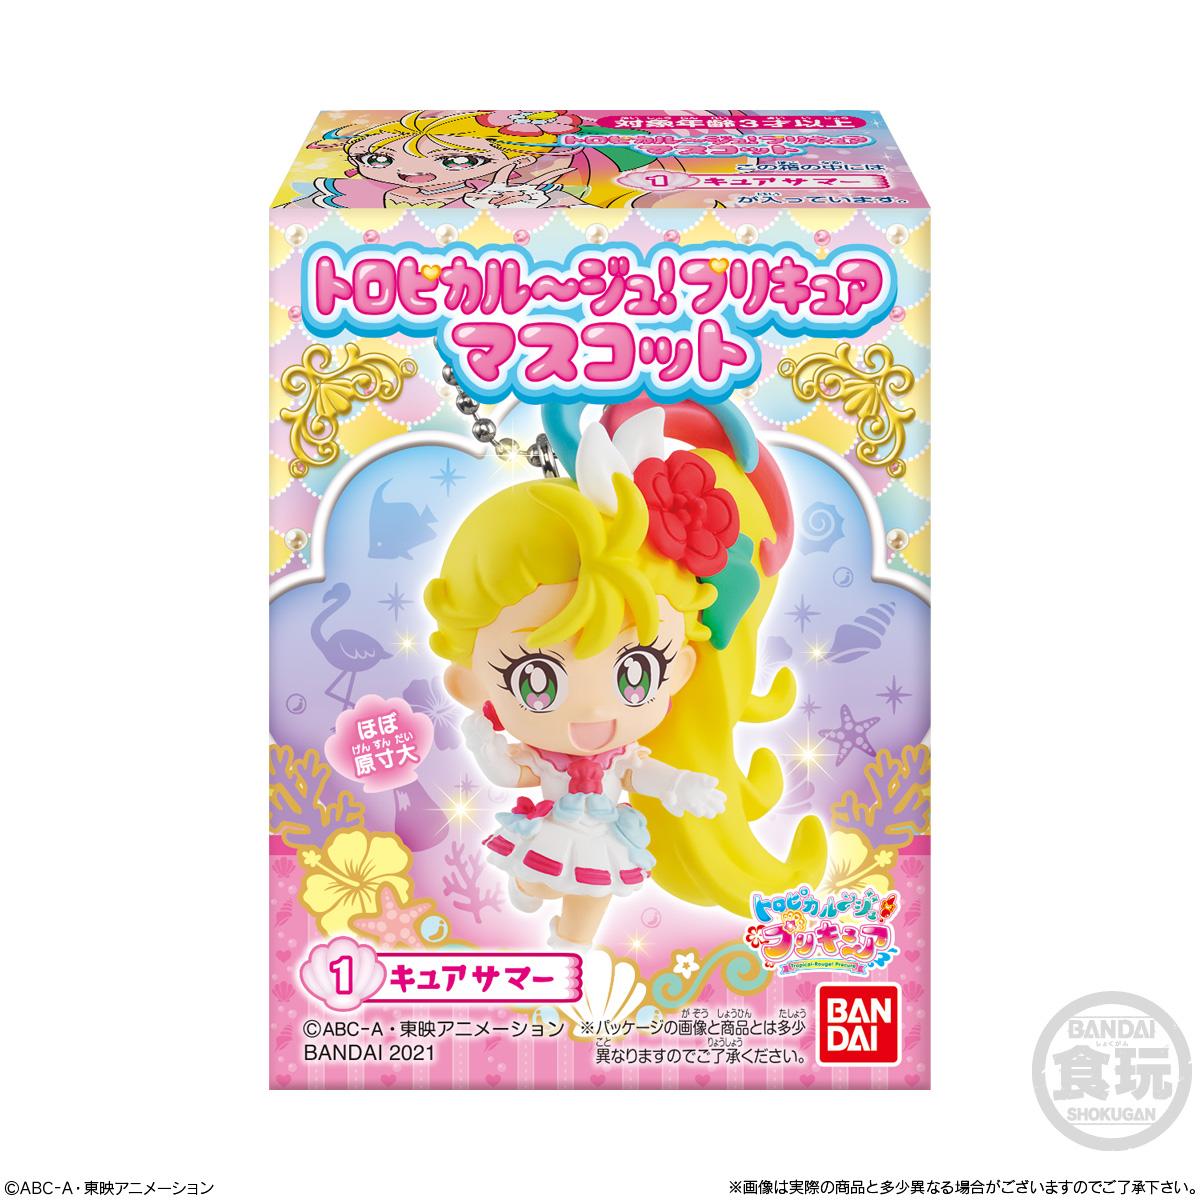 【食玩】トロピカル~ジュ!プリキュア『マスコット』10個入りBOX-008